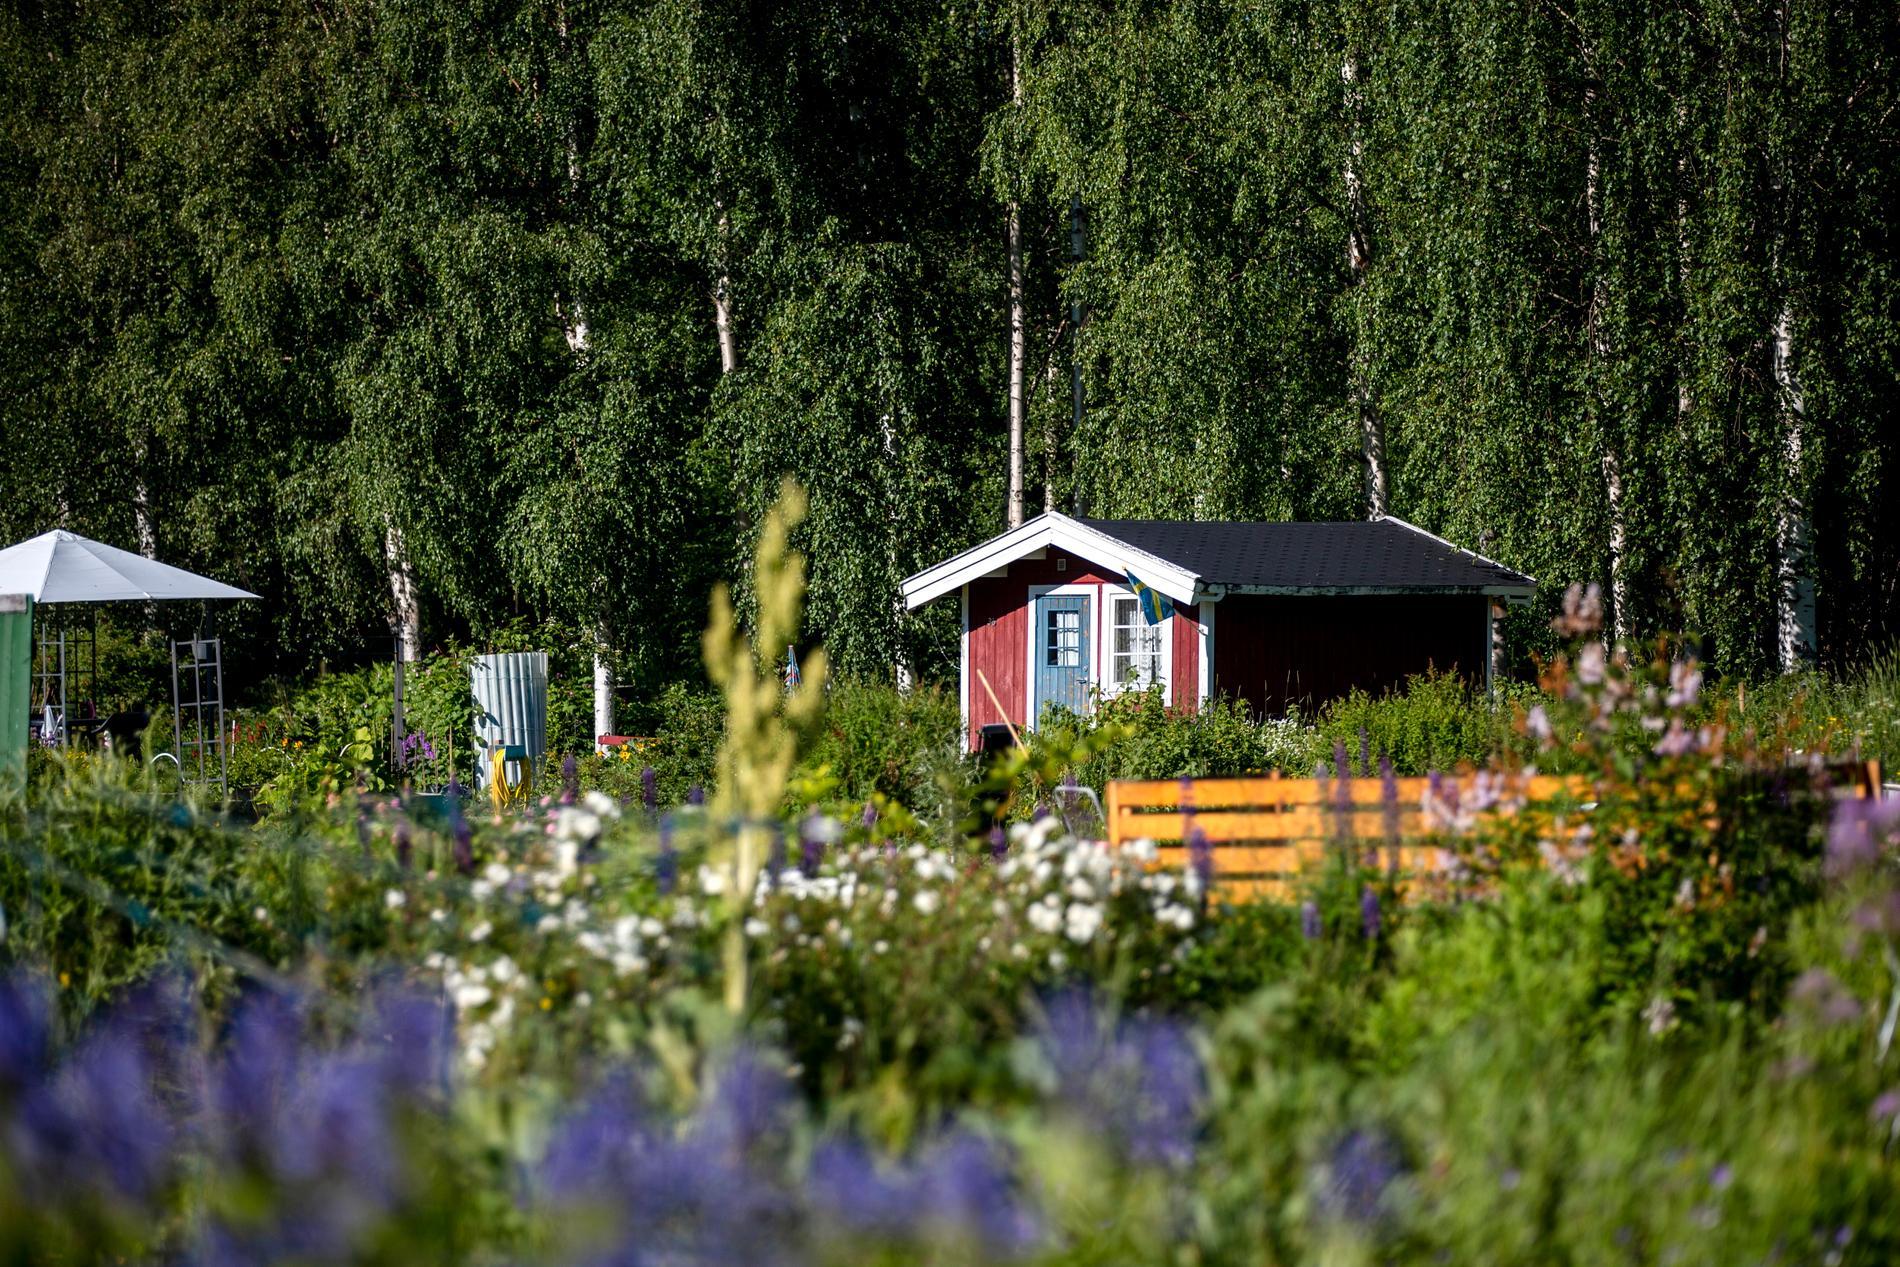 I Sverige finns det cirka 50000 lotter om man inkluderar både lotter med och utan stuga.